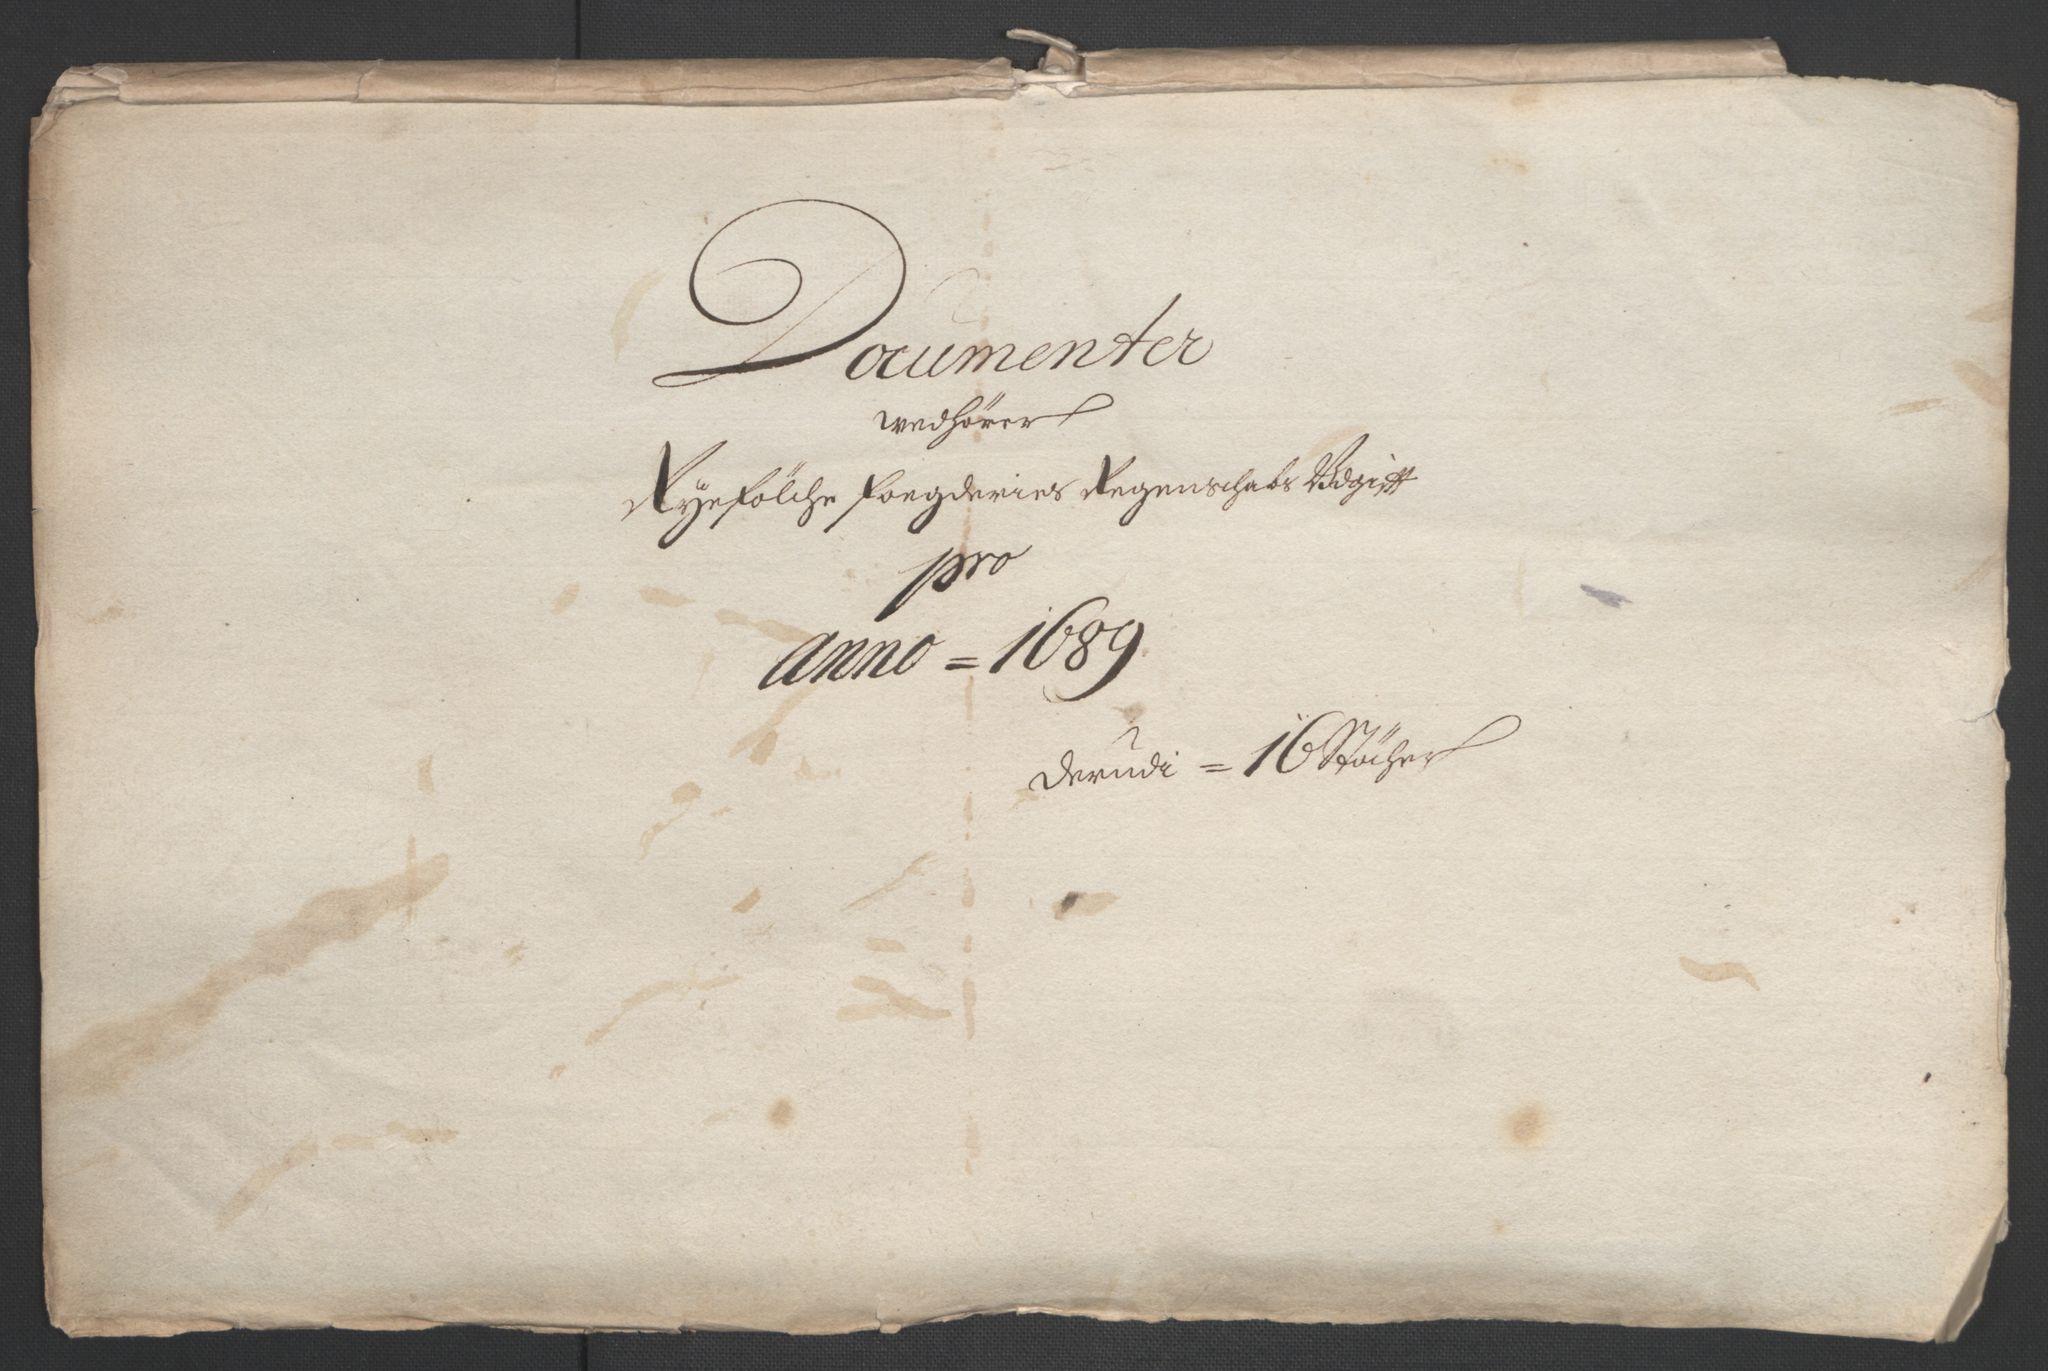 RA, Rentekammeret inntil 1814, Reviderte regnskaper, Fogderegnskap, R47/L2856: Fogderegnskap Ryfylke, 1689-1693, s. 83